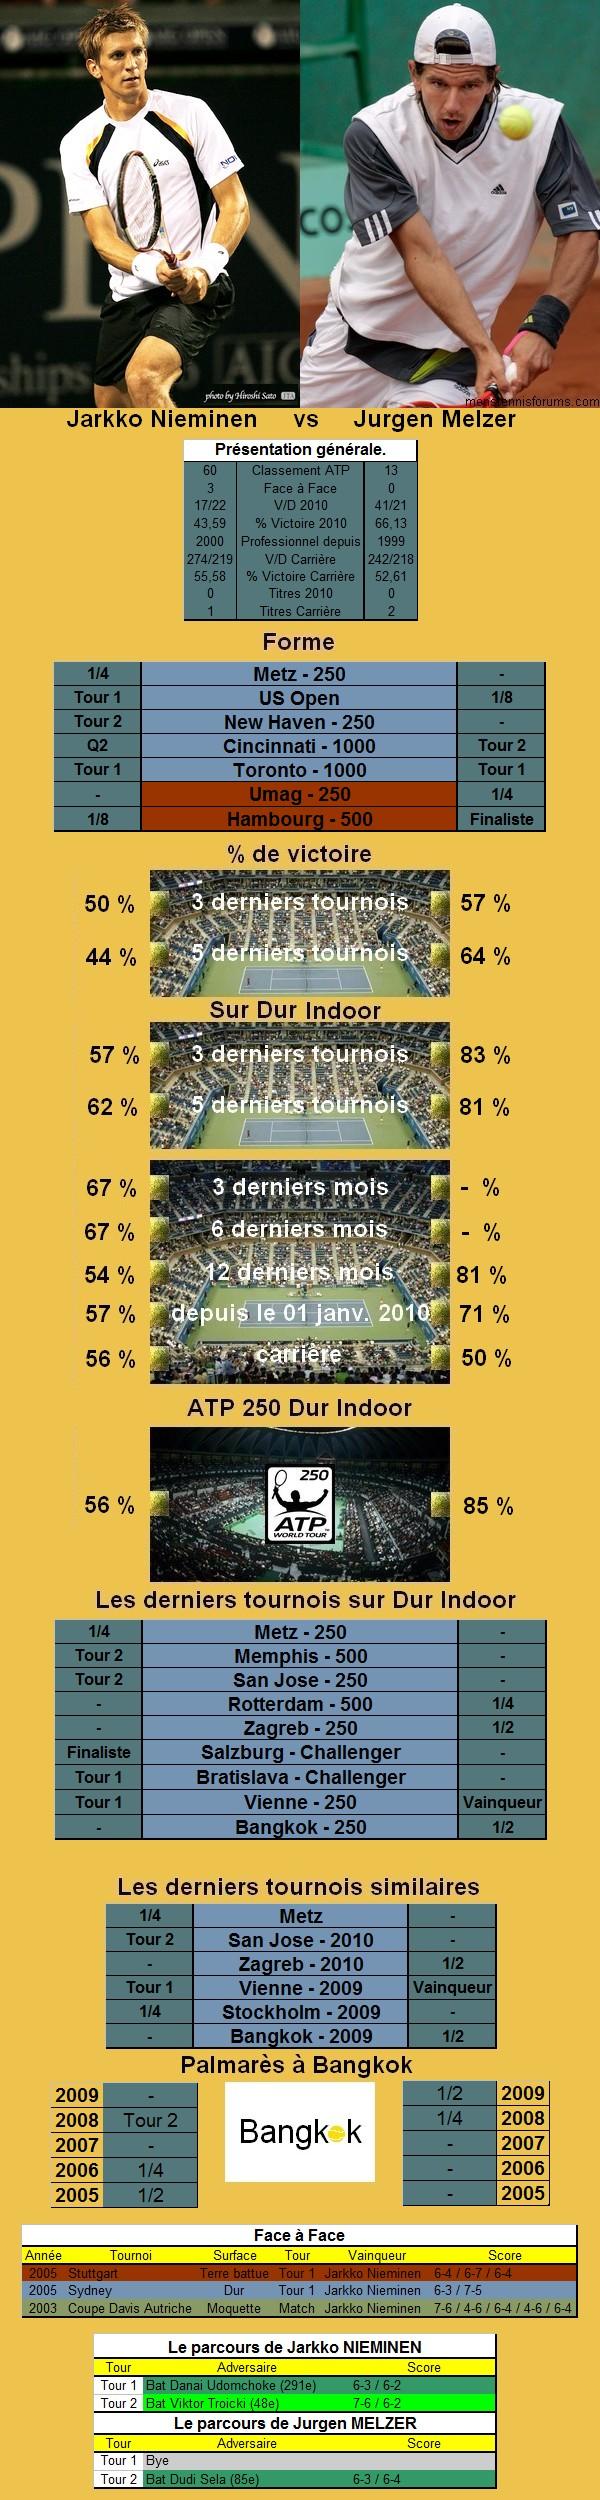 Statistiques tennis de Nieminen contre Melzer à Bangkok